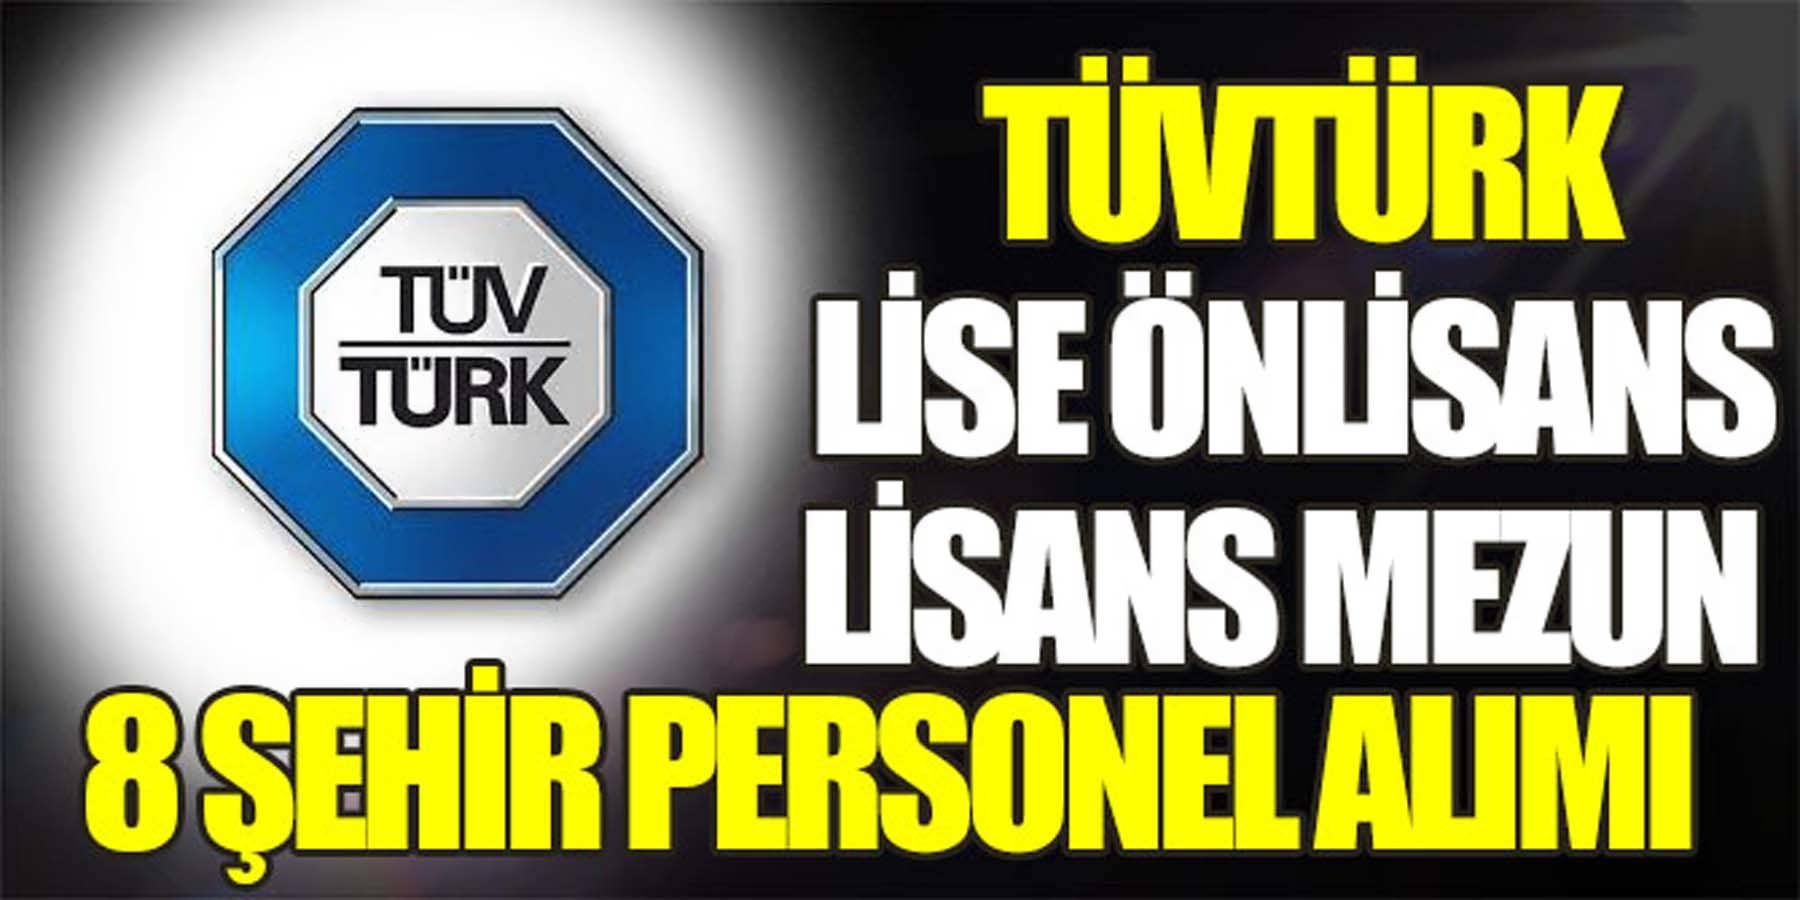 TÜVTÜRK 8 Şehir Personel Alımı Yayınladı